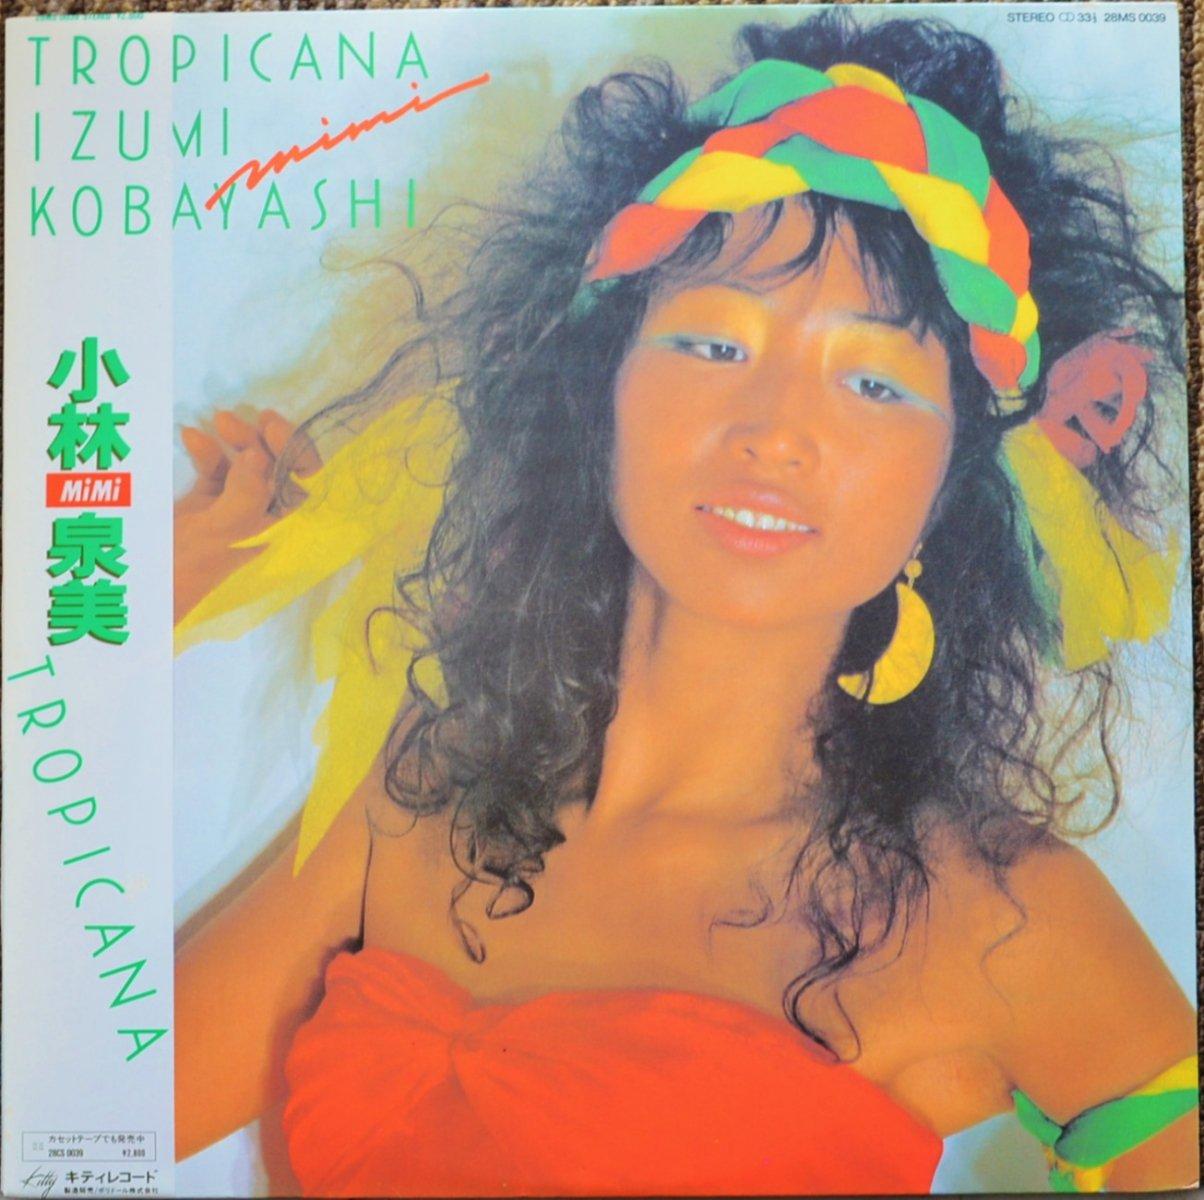 小林泉美 MIMI / トロピカーナ TROPICANA (LP)